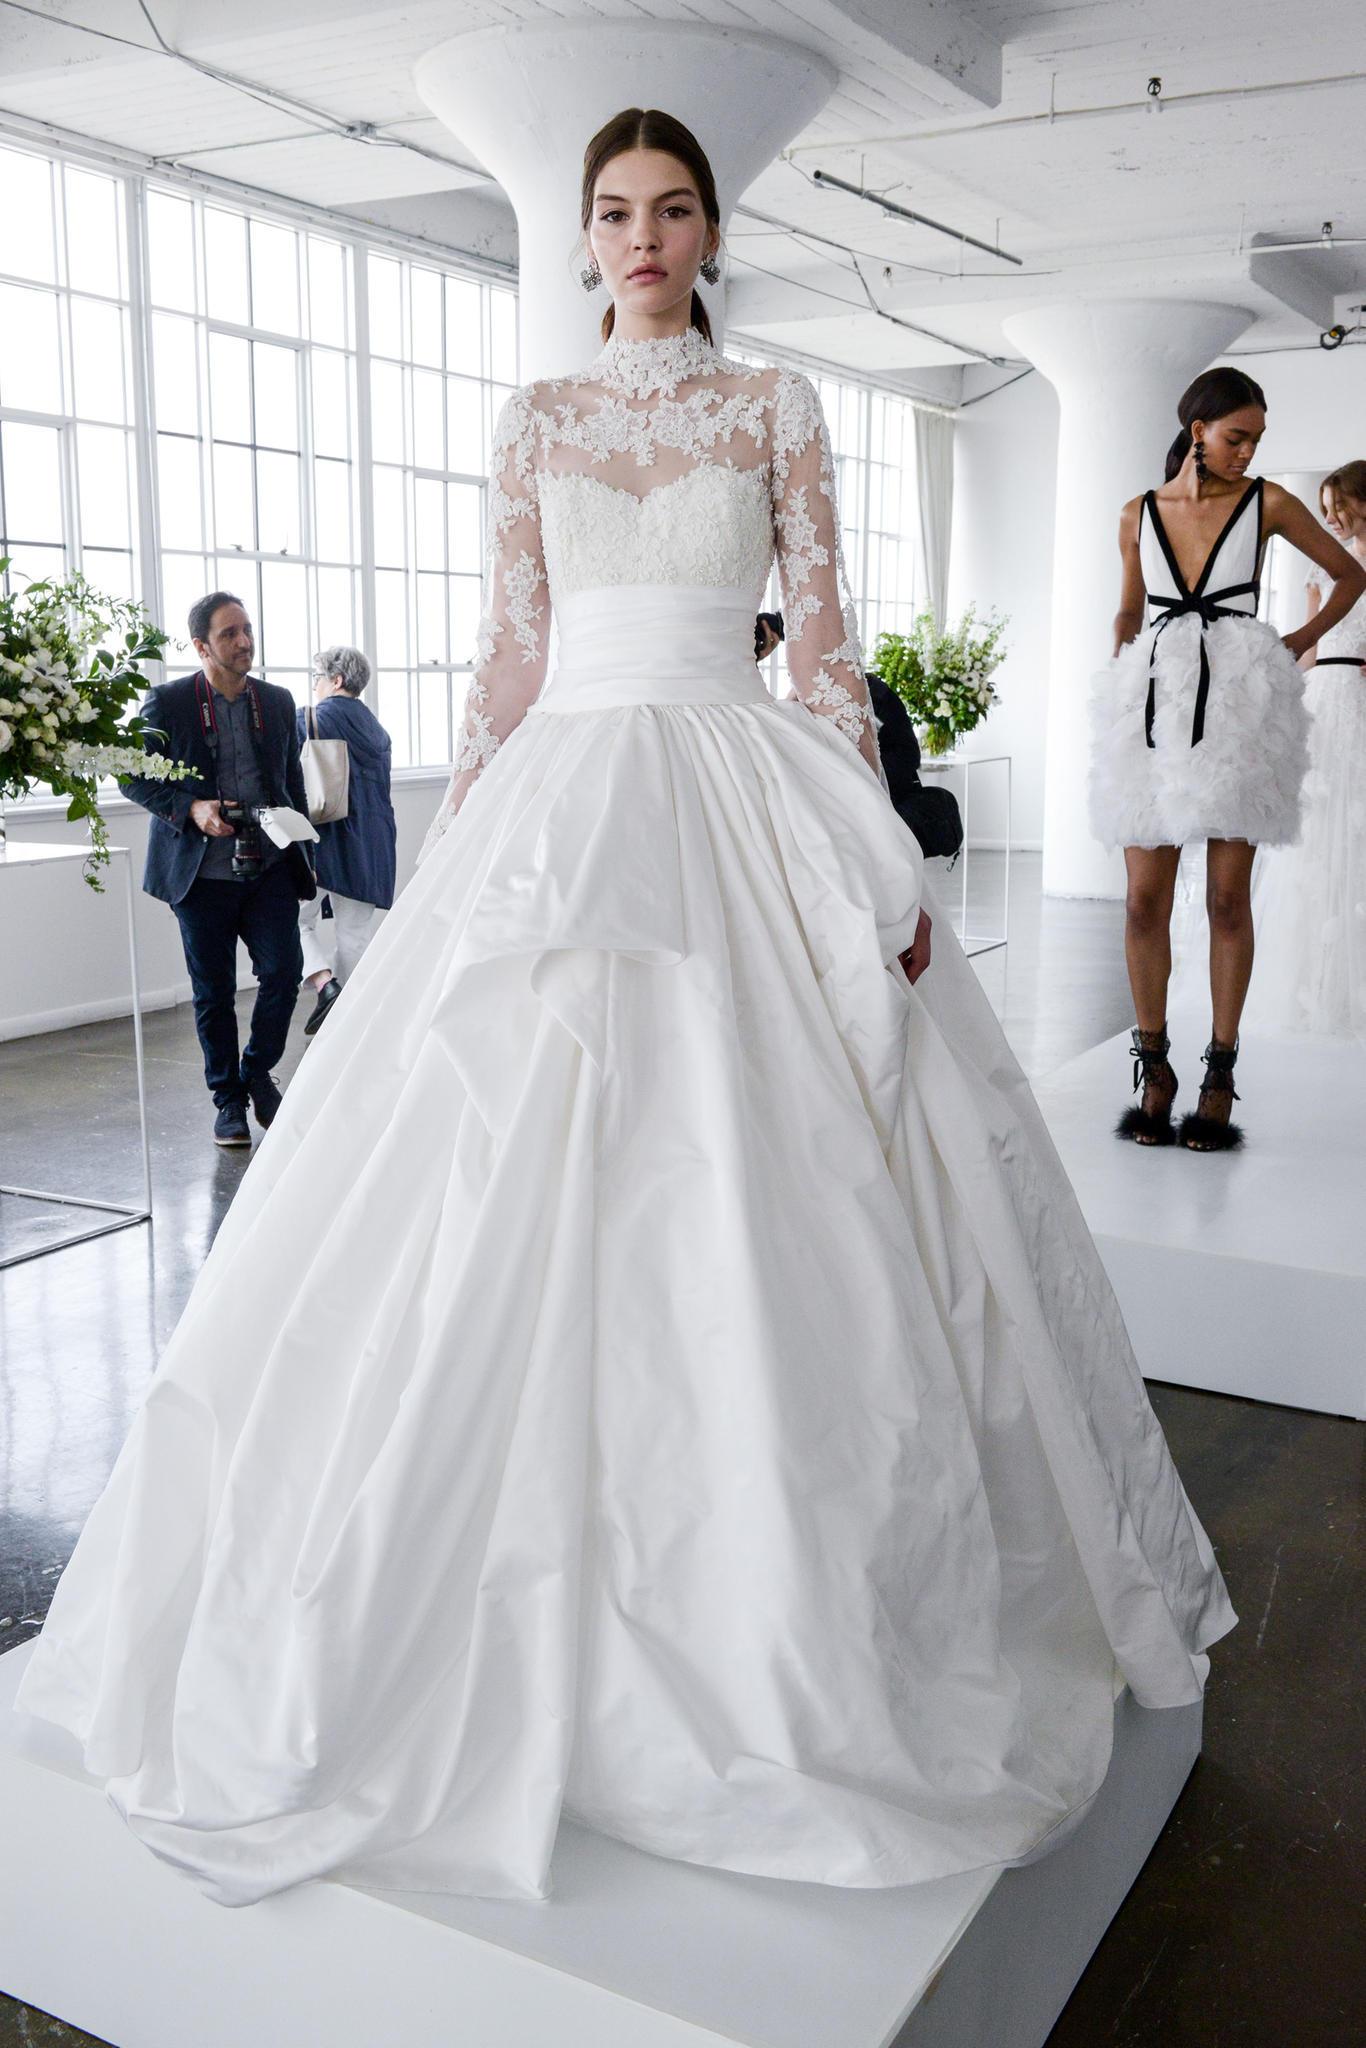 Großartig Brautkleid Test Bilder - Brautkleider Ideen ...